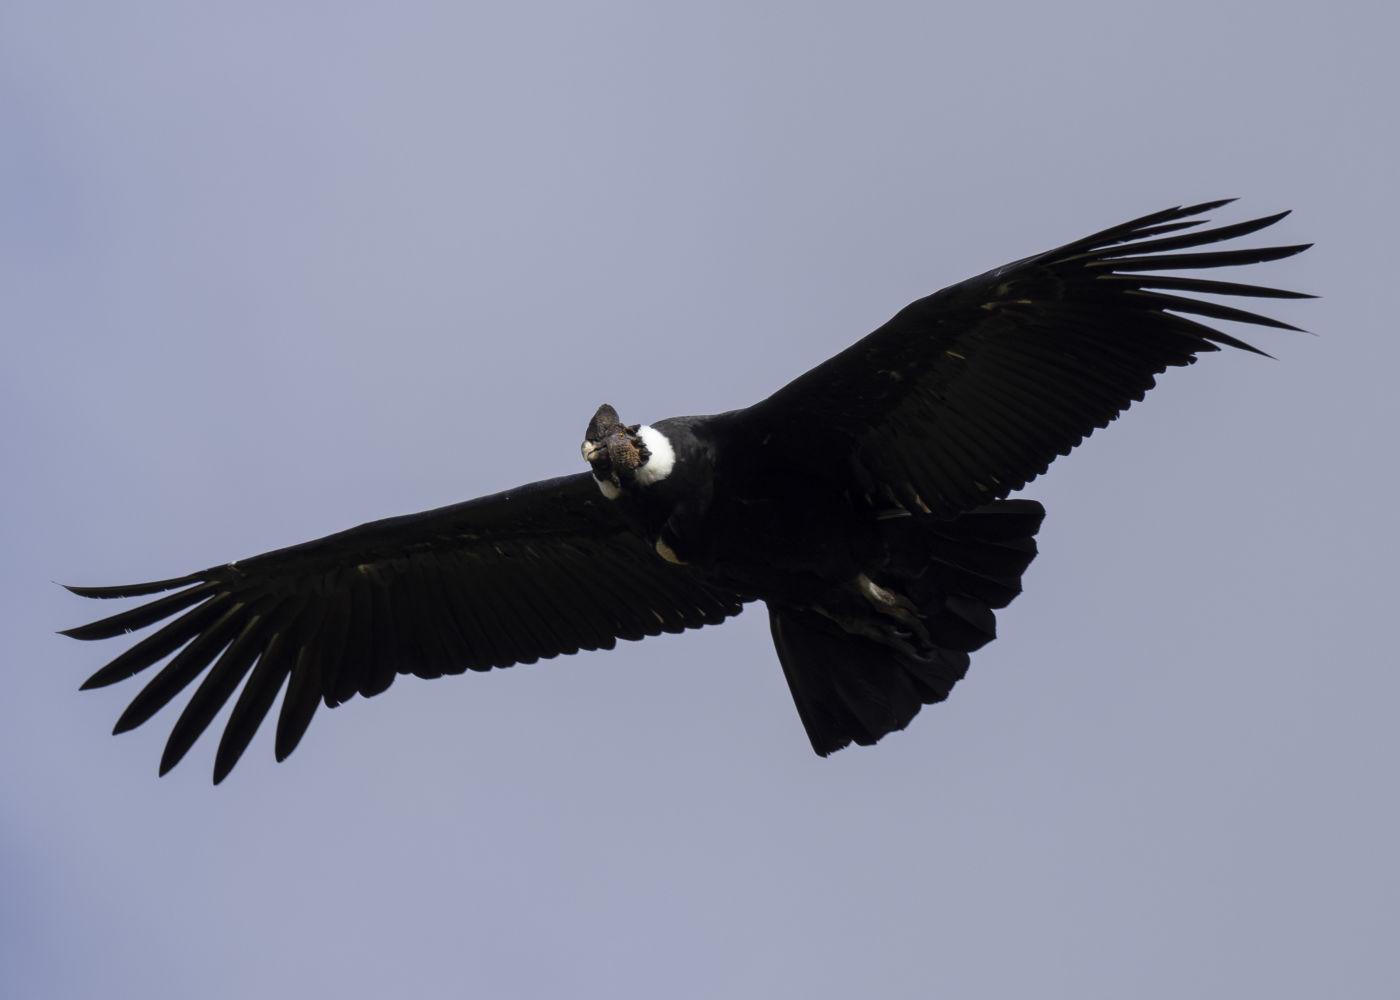 Ecuador: The Andean Condor